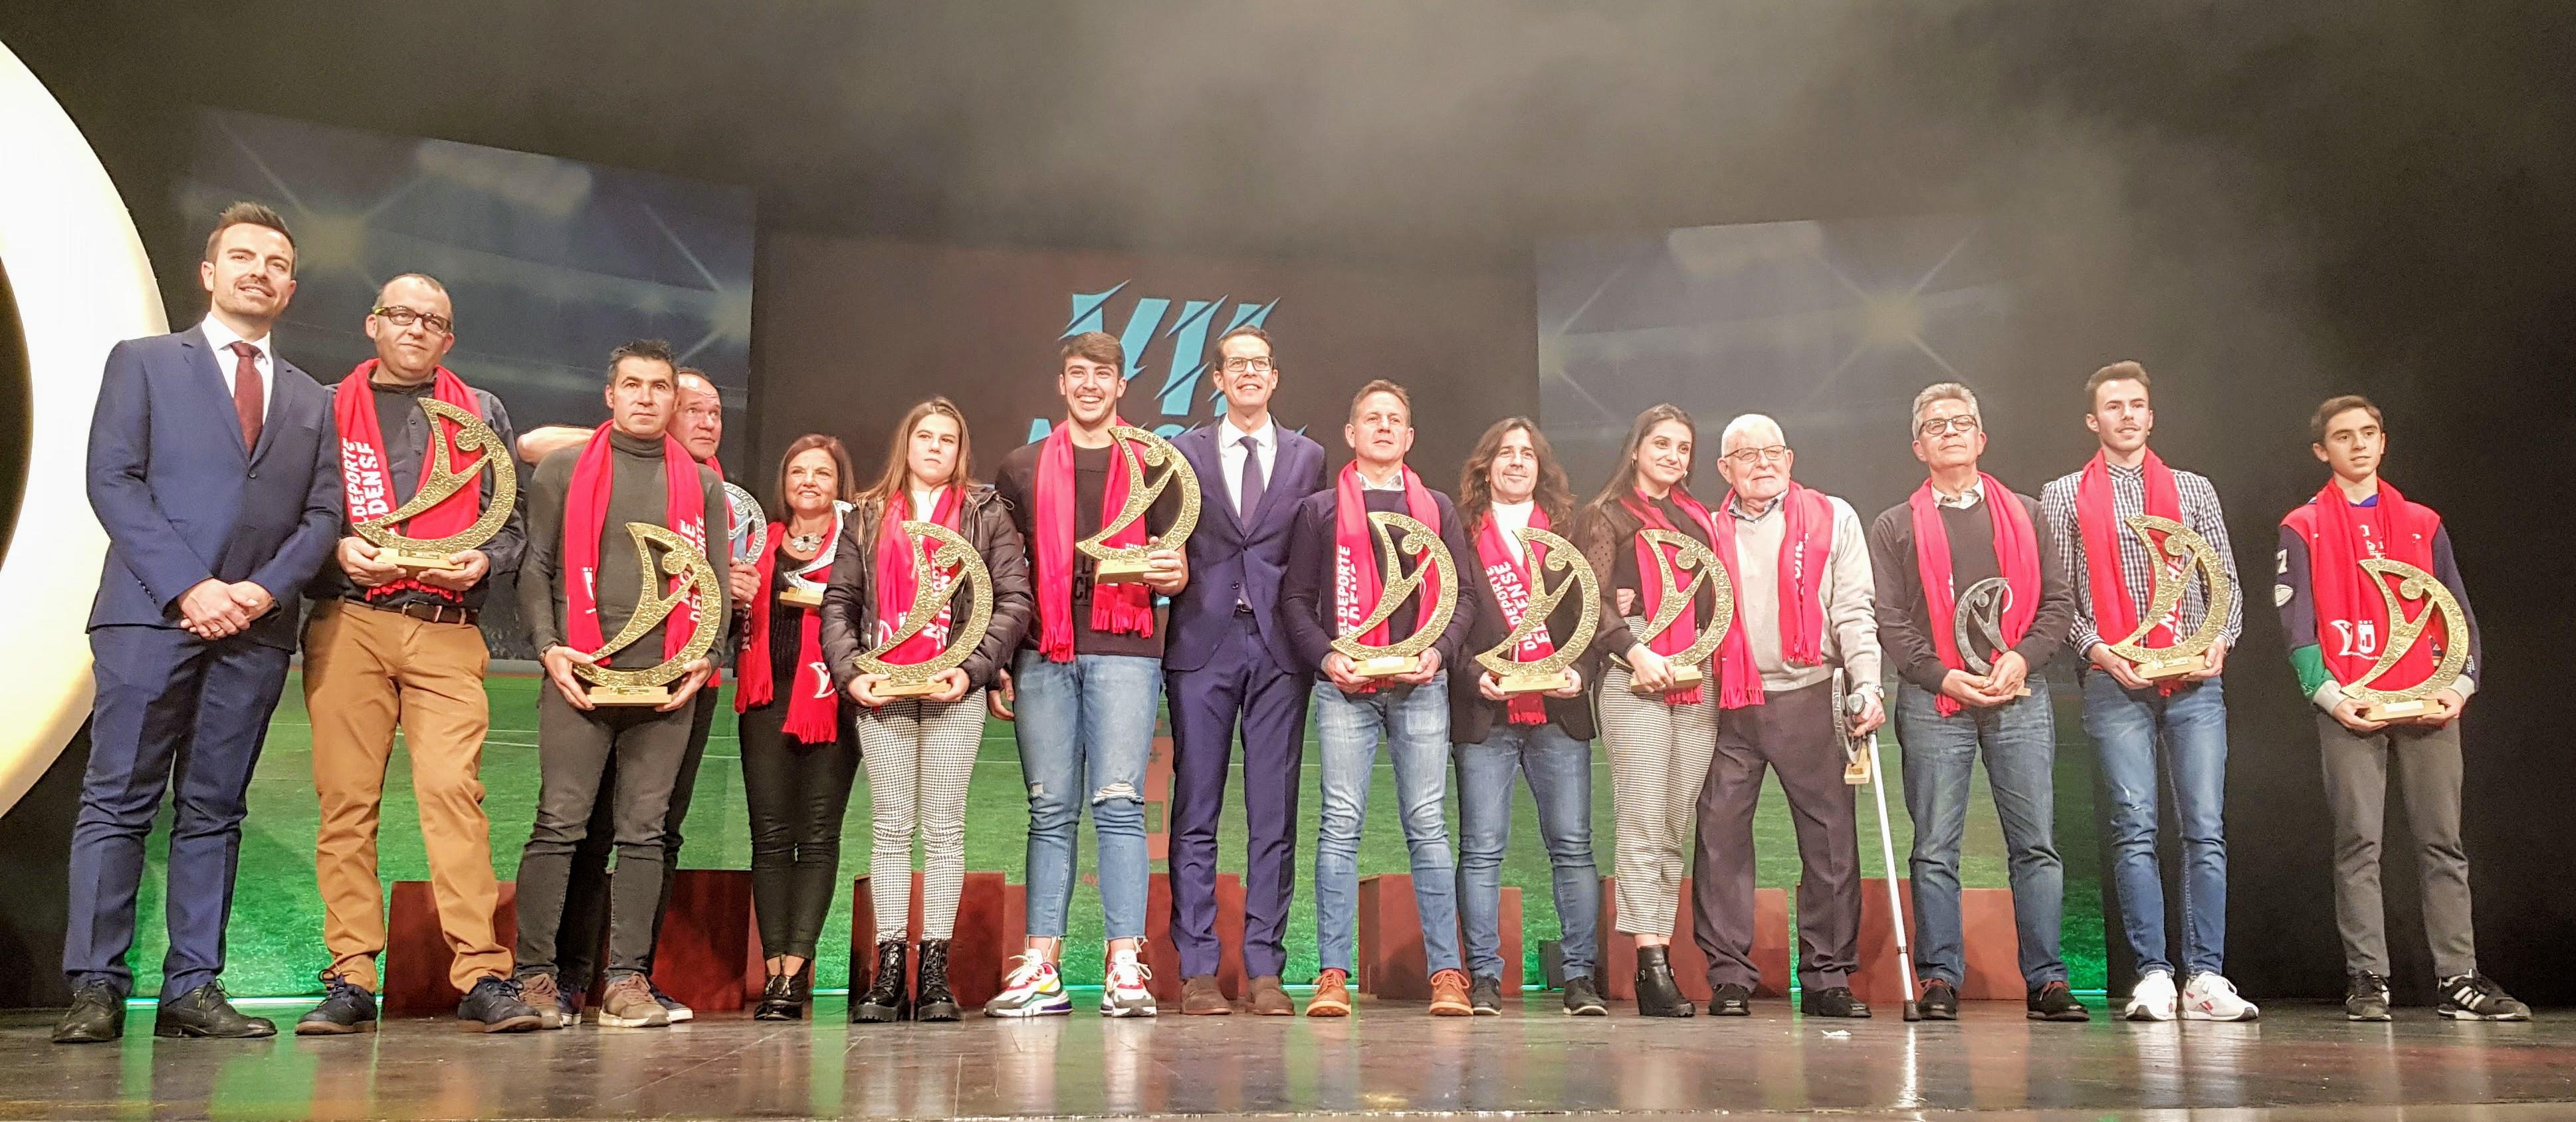 La octava edición de la Noche del Deporte Eldense se celebrará el 22 de enero en el Teatro Castelar